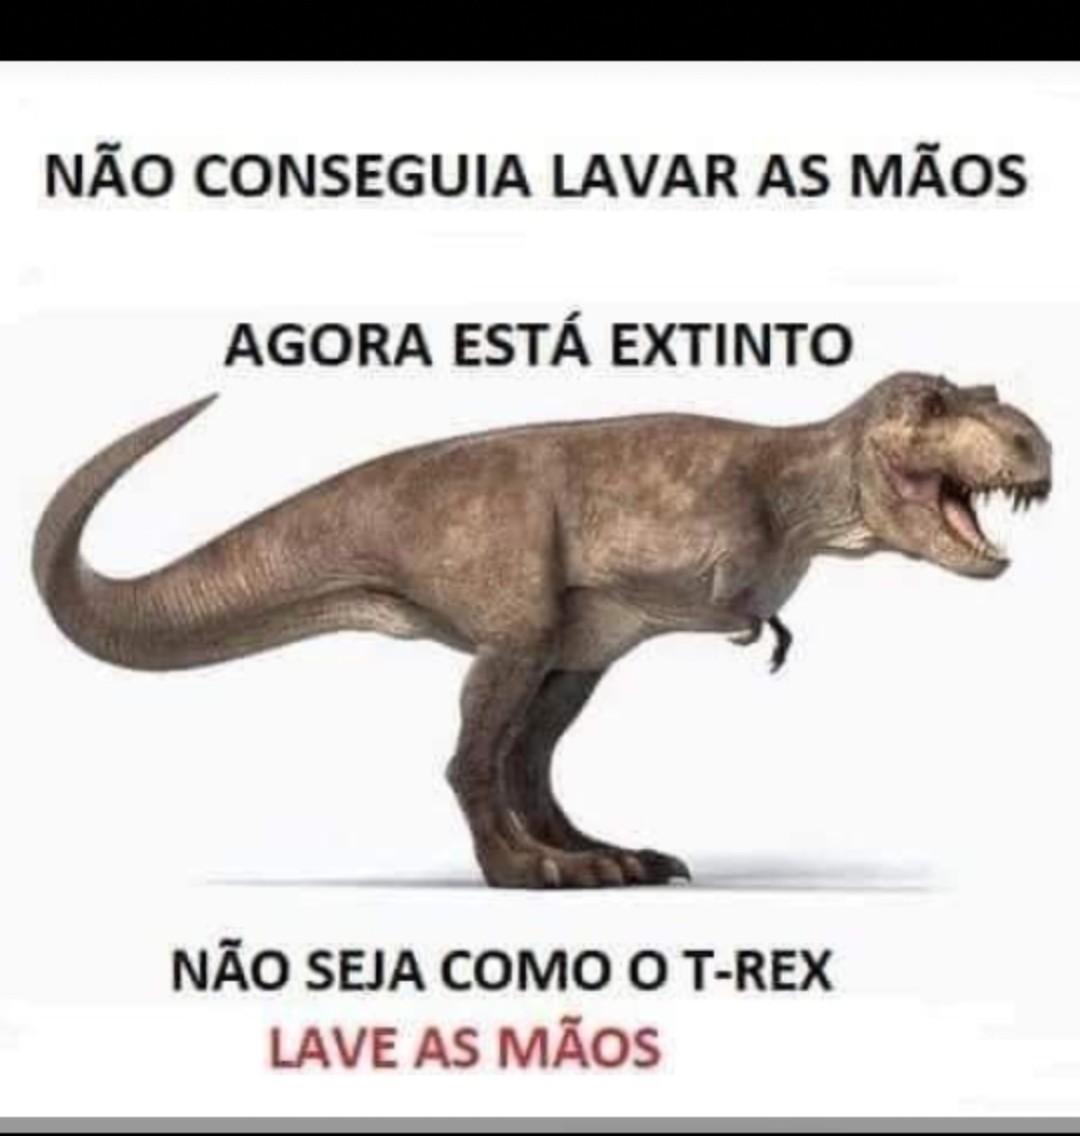 Nai seja um T rex - meme